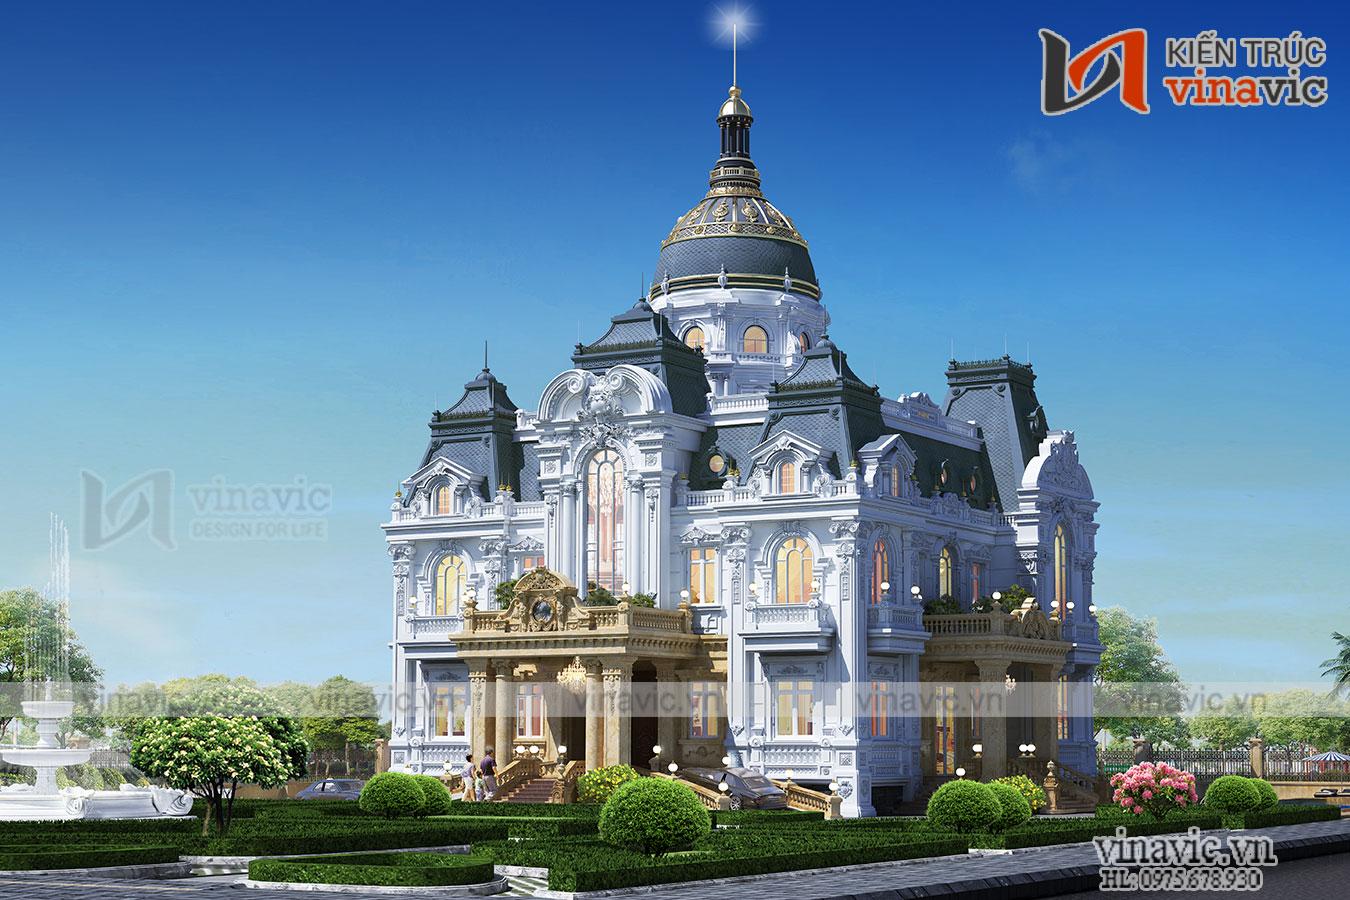 Lâu đài cung điện cổ điển xa hoa lộng lẫy đẳng cấp doanh nhân LDDT1903